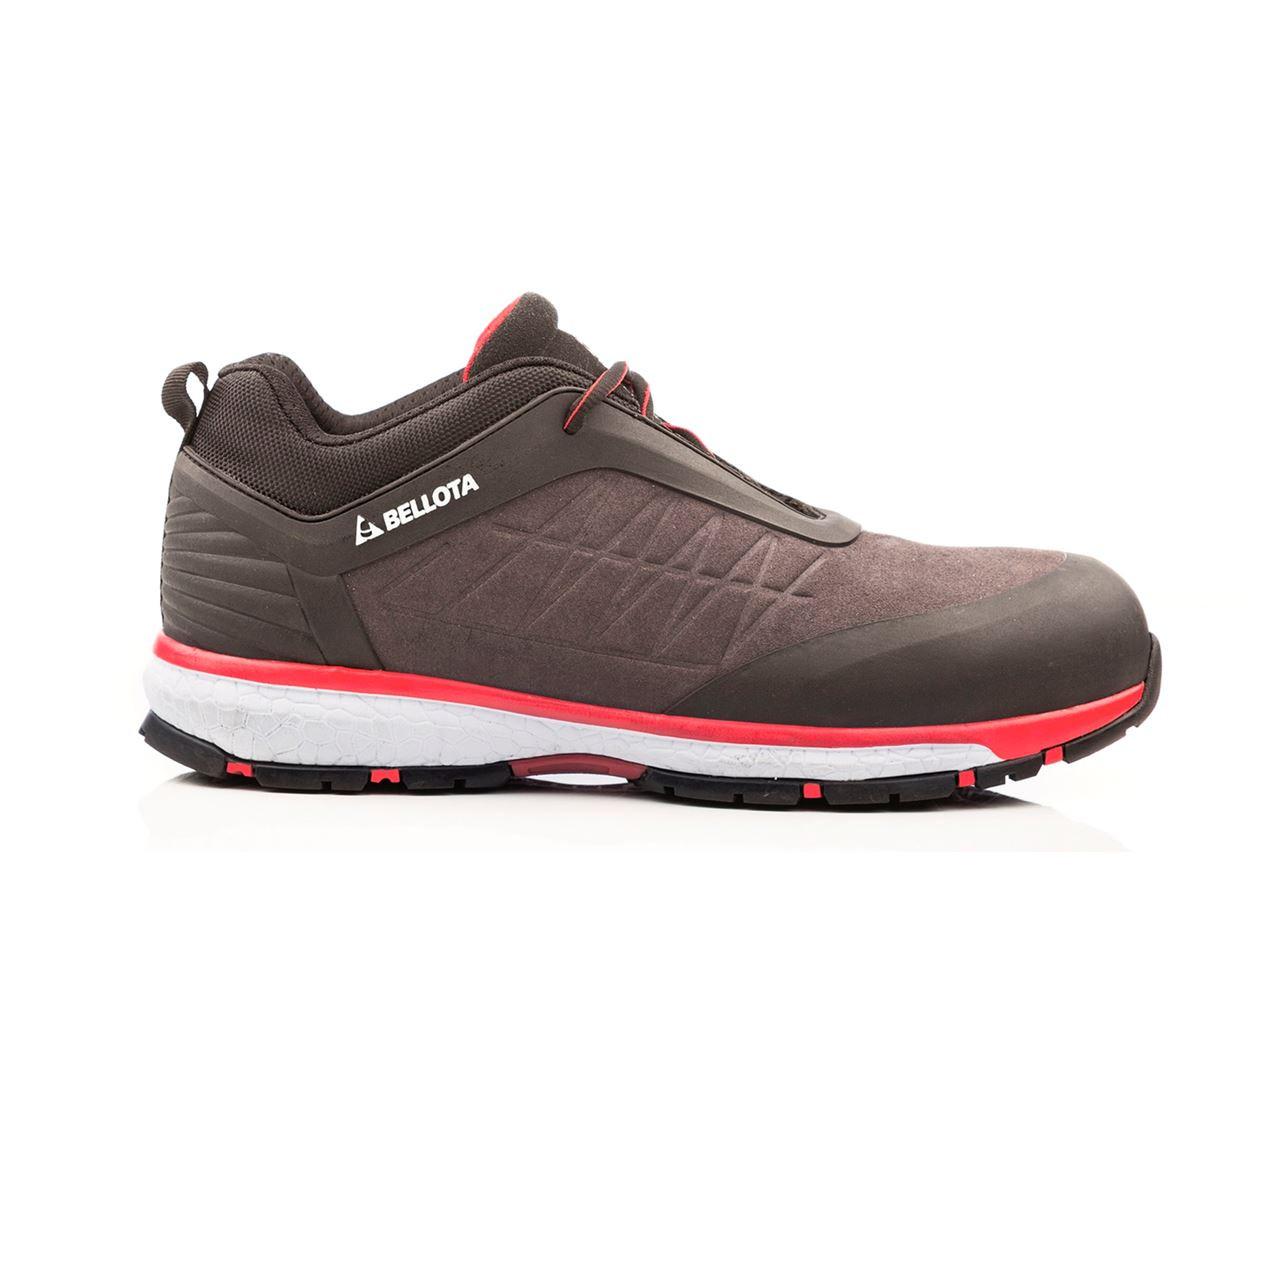 Zapatos seguridad negro run S3N bellota